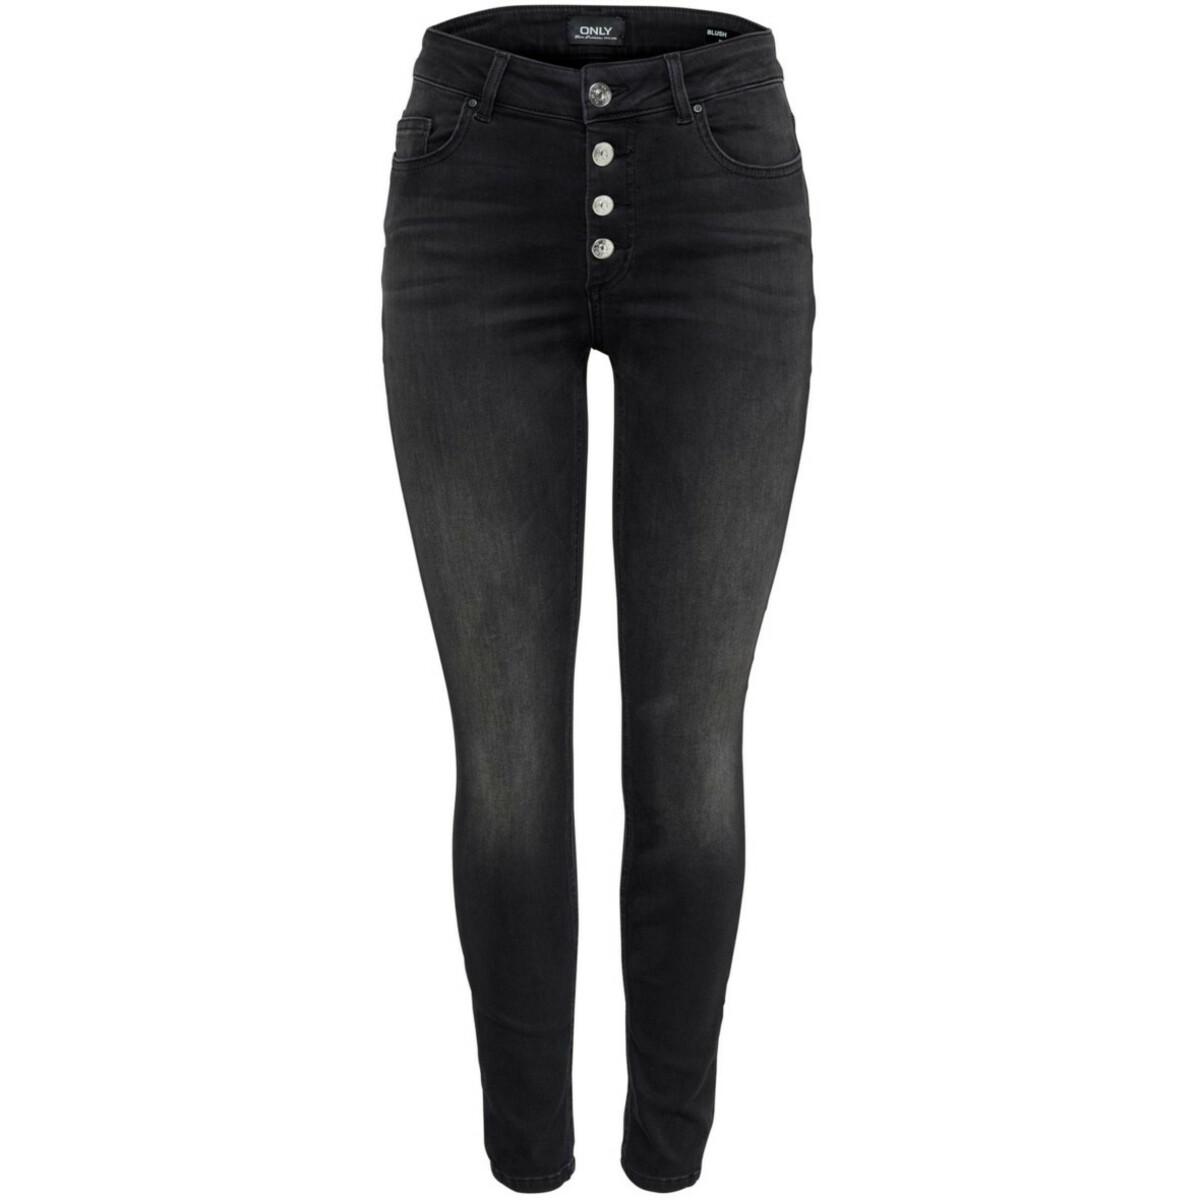 Bild 1 von Damen Only Hose in Skinny Form